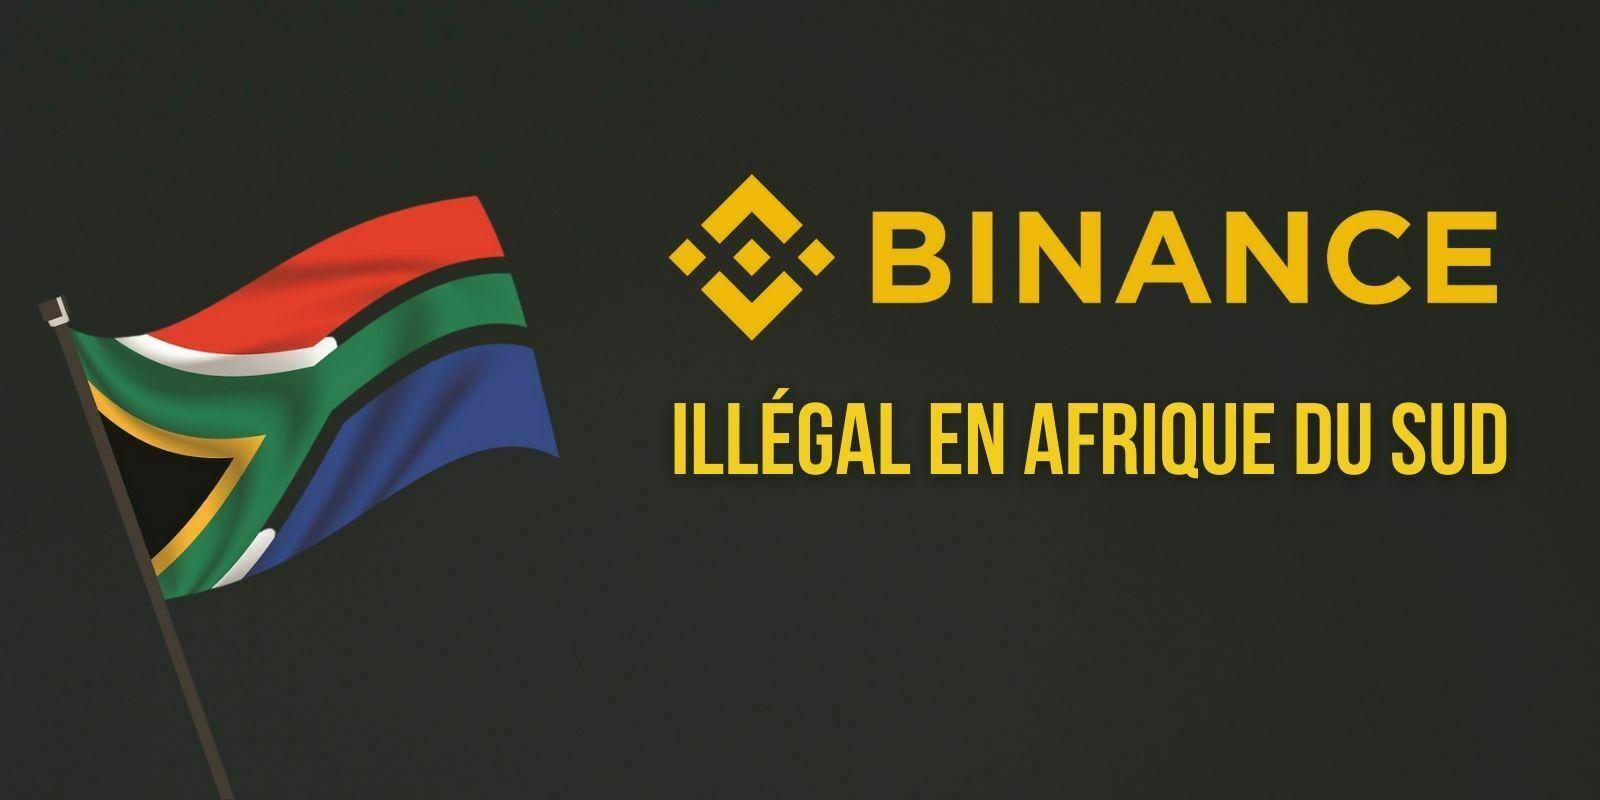 Binance n'a pas l'autorisation de proposer ses services en Afrique du Sud selon le régulateur financier local